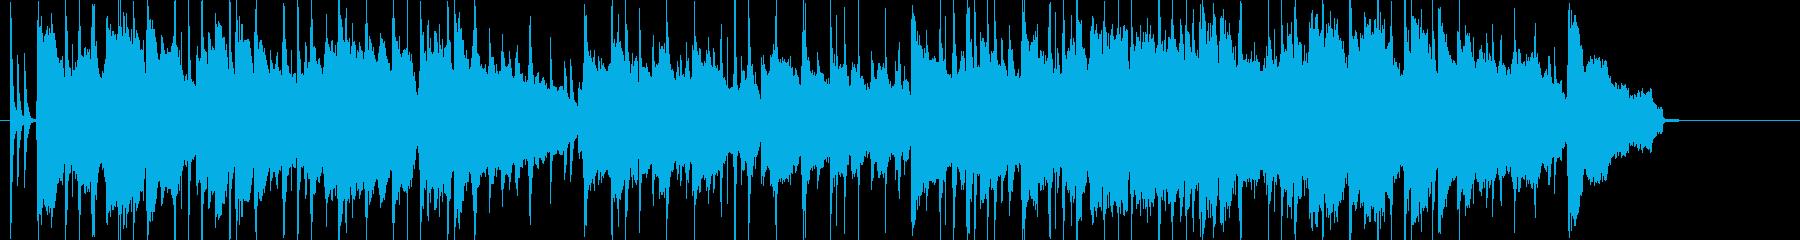 ゆったりと思い出に浸るBGMの再生済みの波形